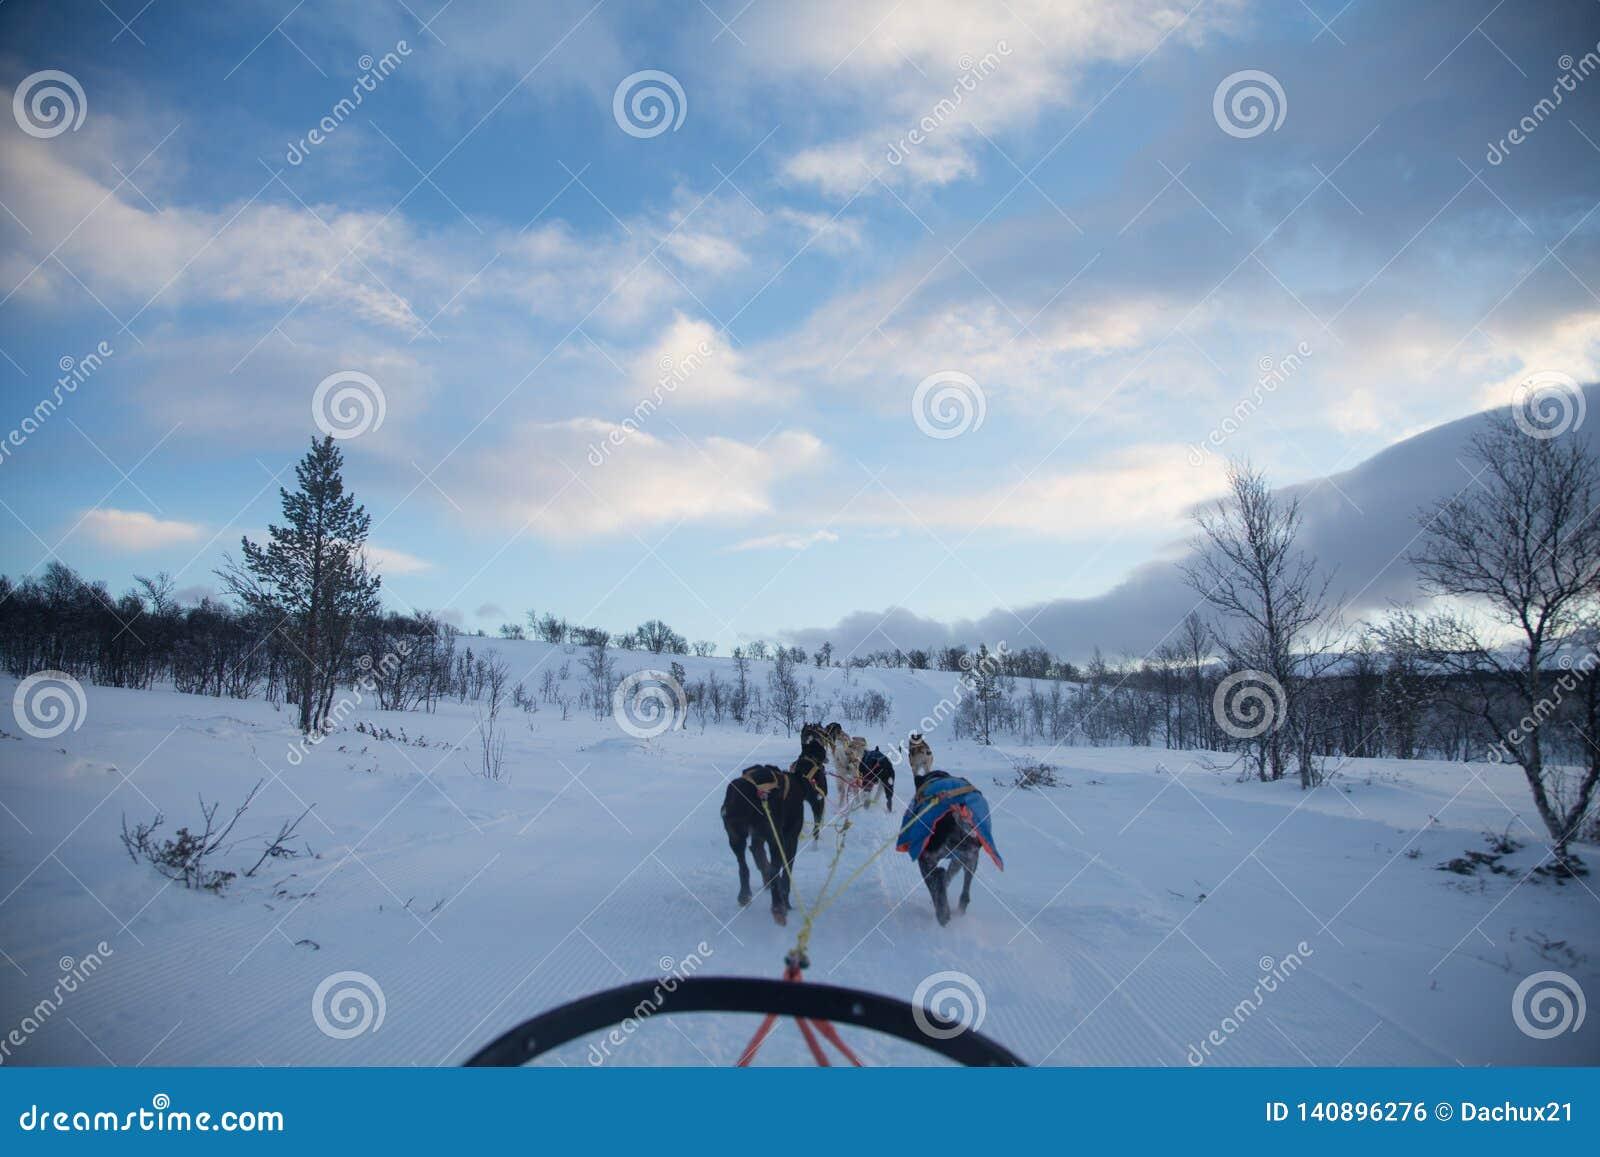 乘坐在冬天风景的扣人心弦的经验一个狗雪撬 斯诺伊森林和山与狗队